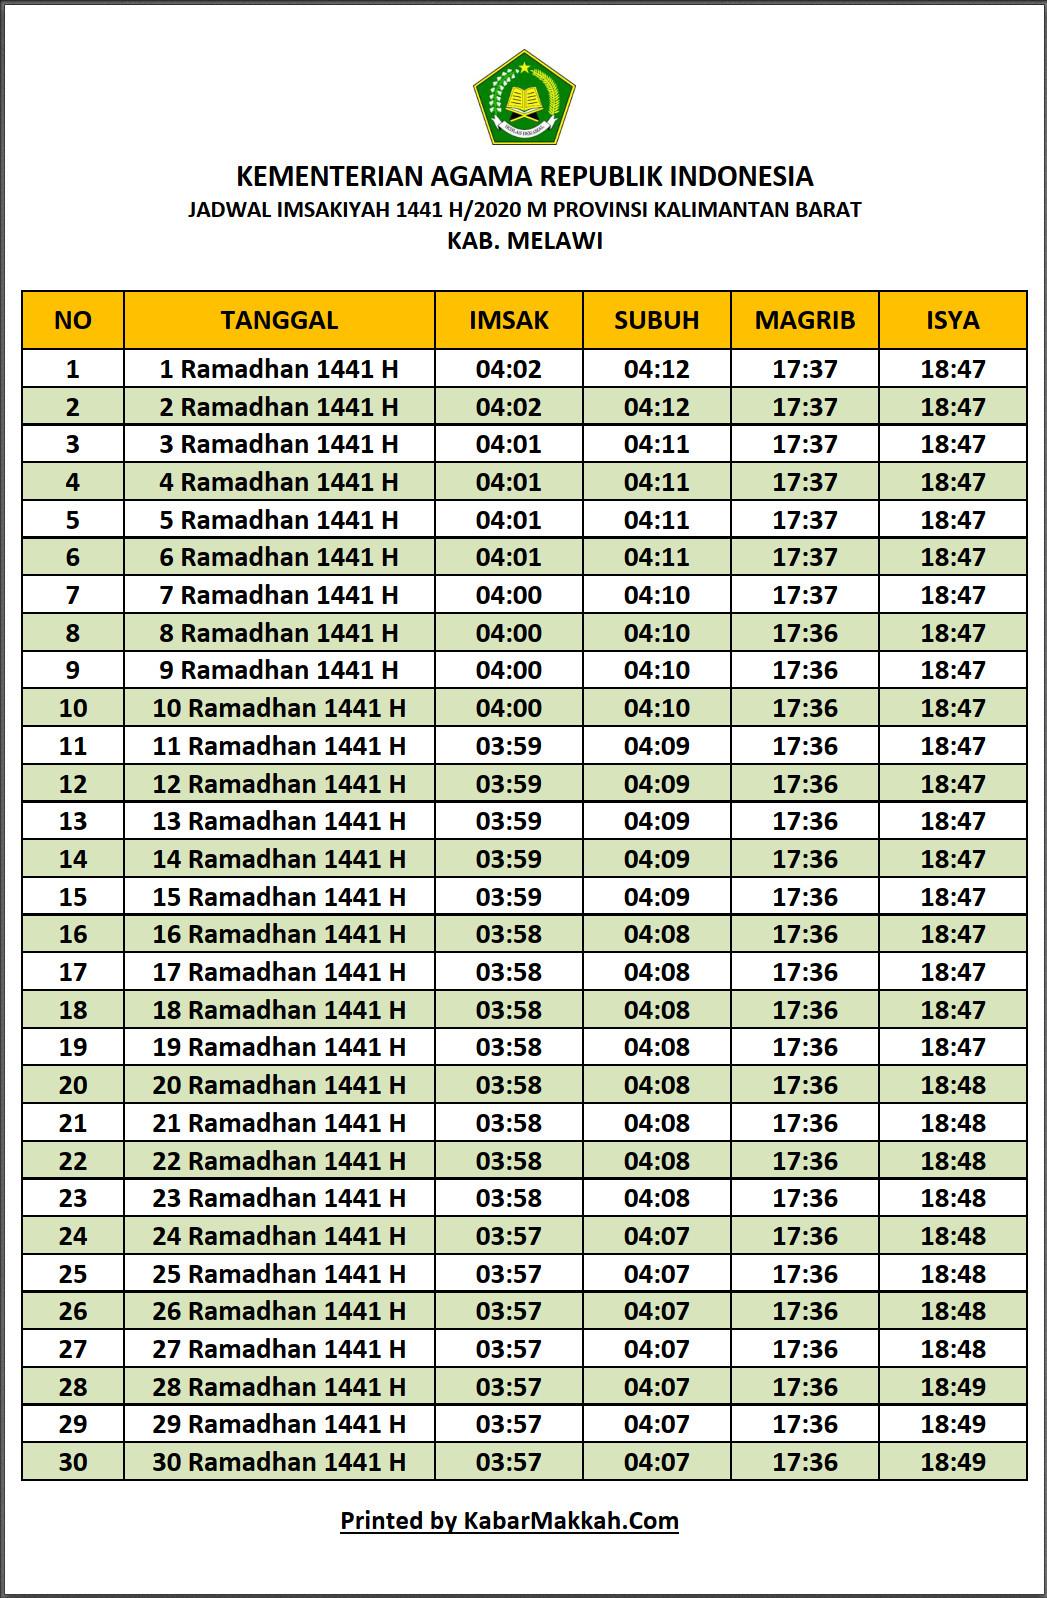 Jadwal Imsakiyah Melawi 2020